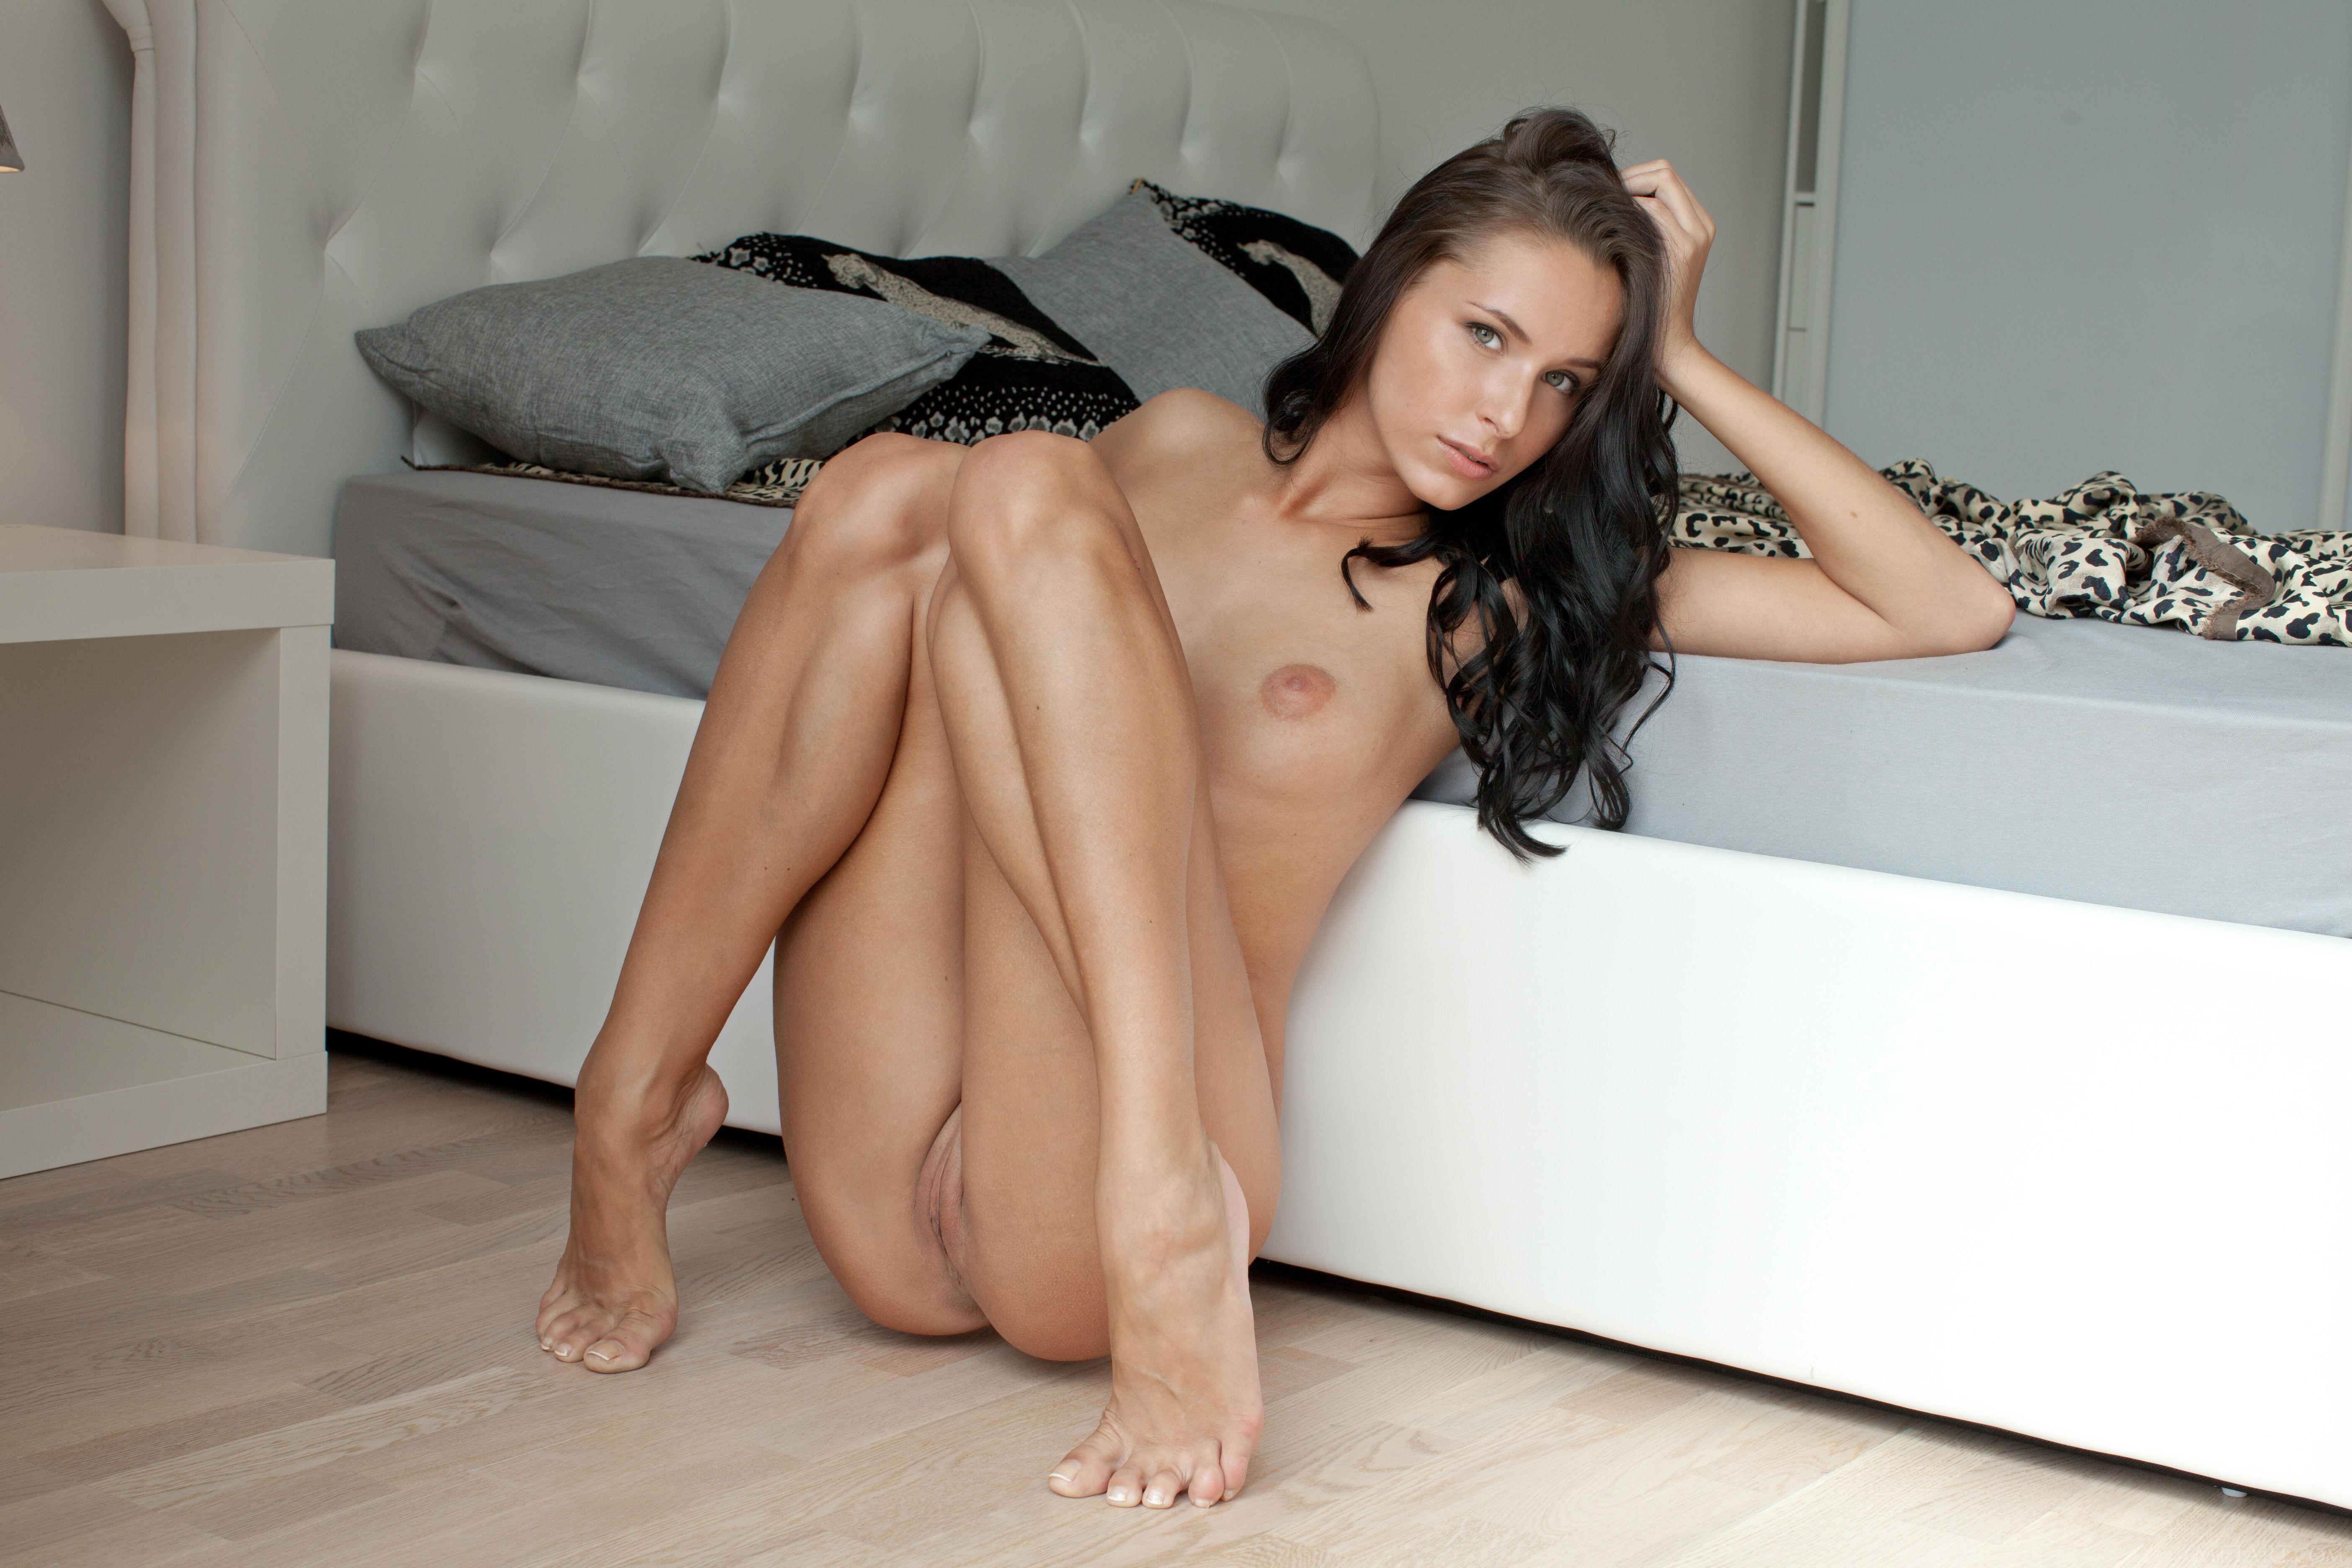 girl naked on her knees sucking dick